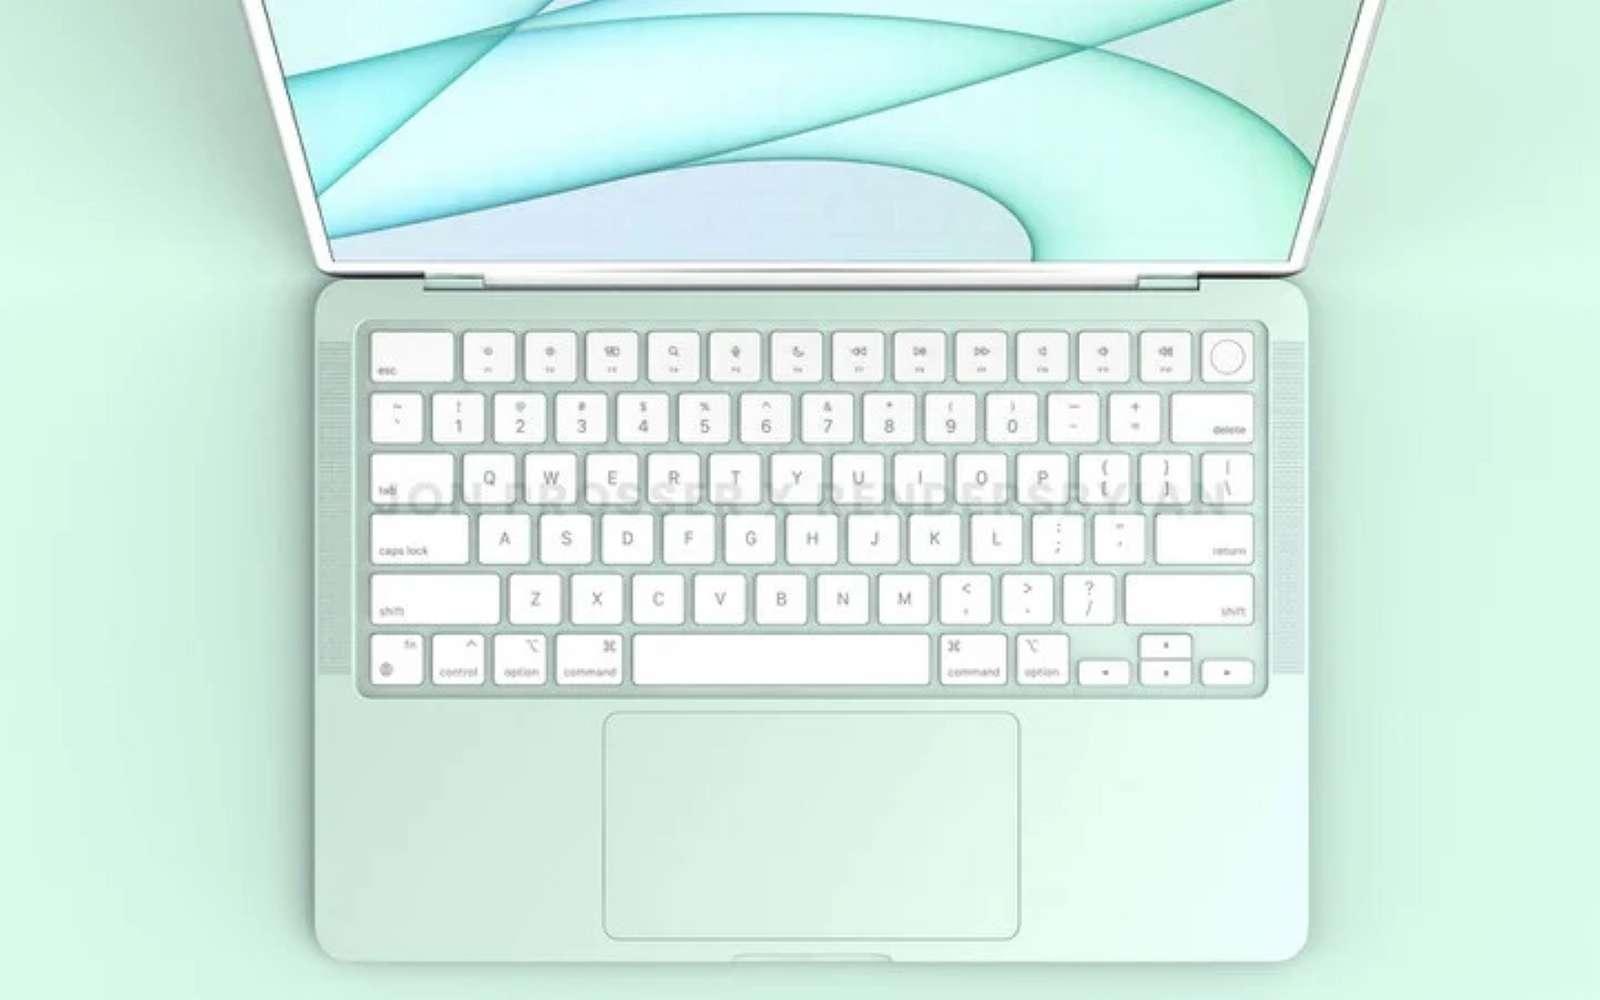 Plusieurs teintes, un design revu et plus de puissance, voici ce que proposerait le MacBook Air haut de gamme d'Apple. © Jon Prosser